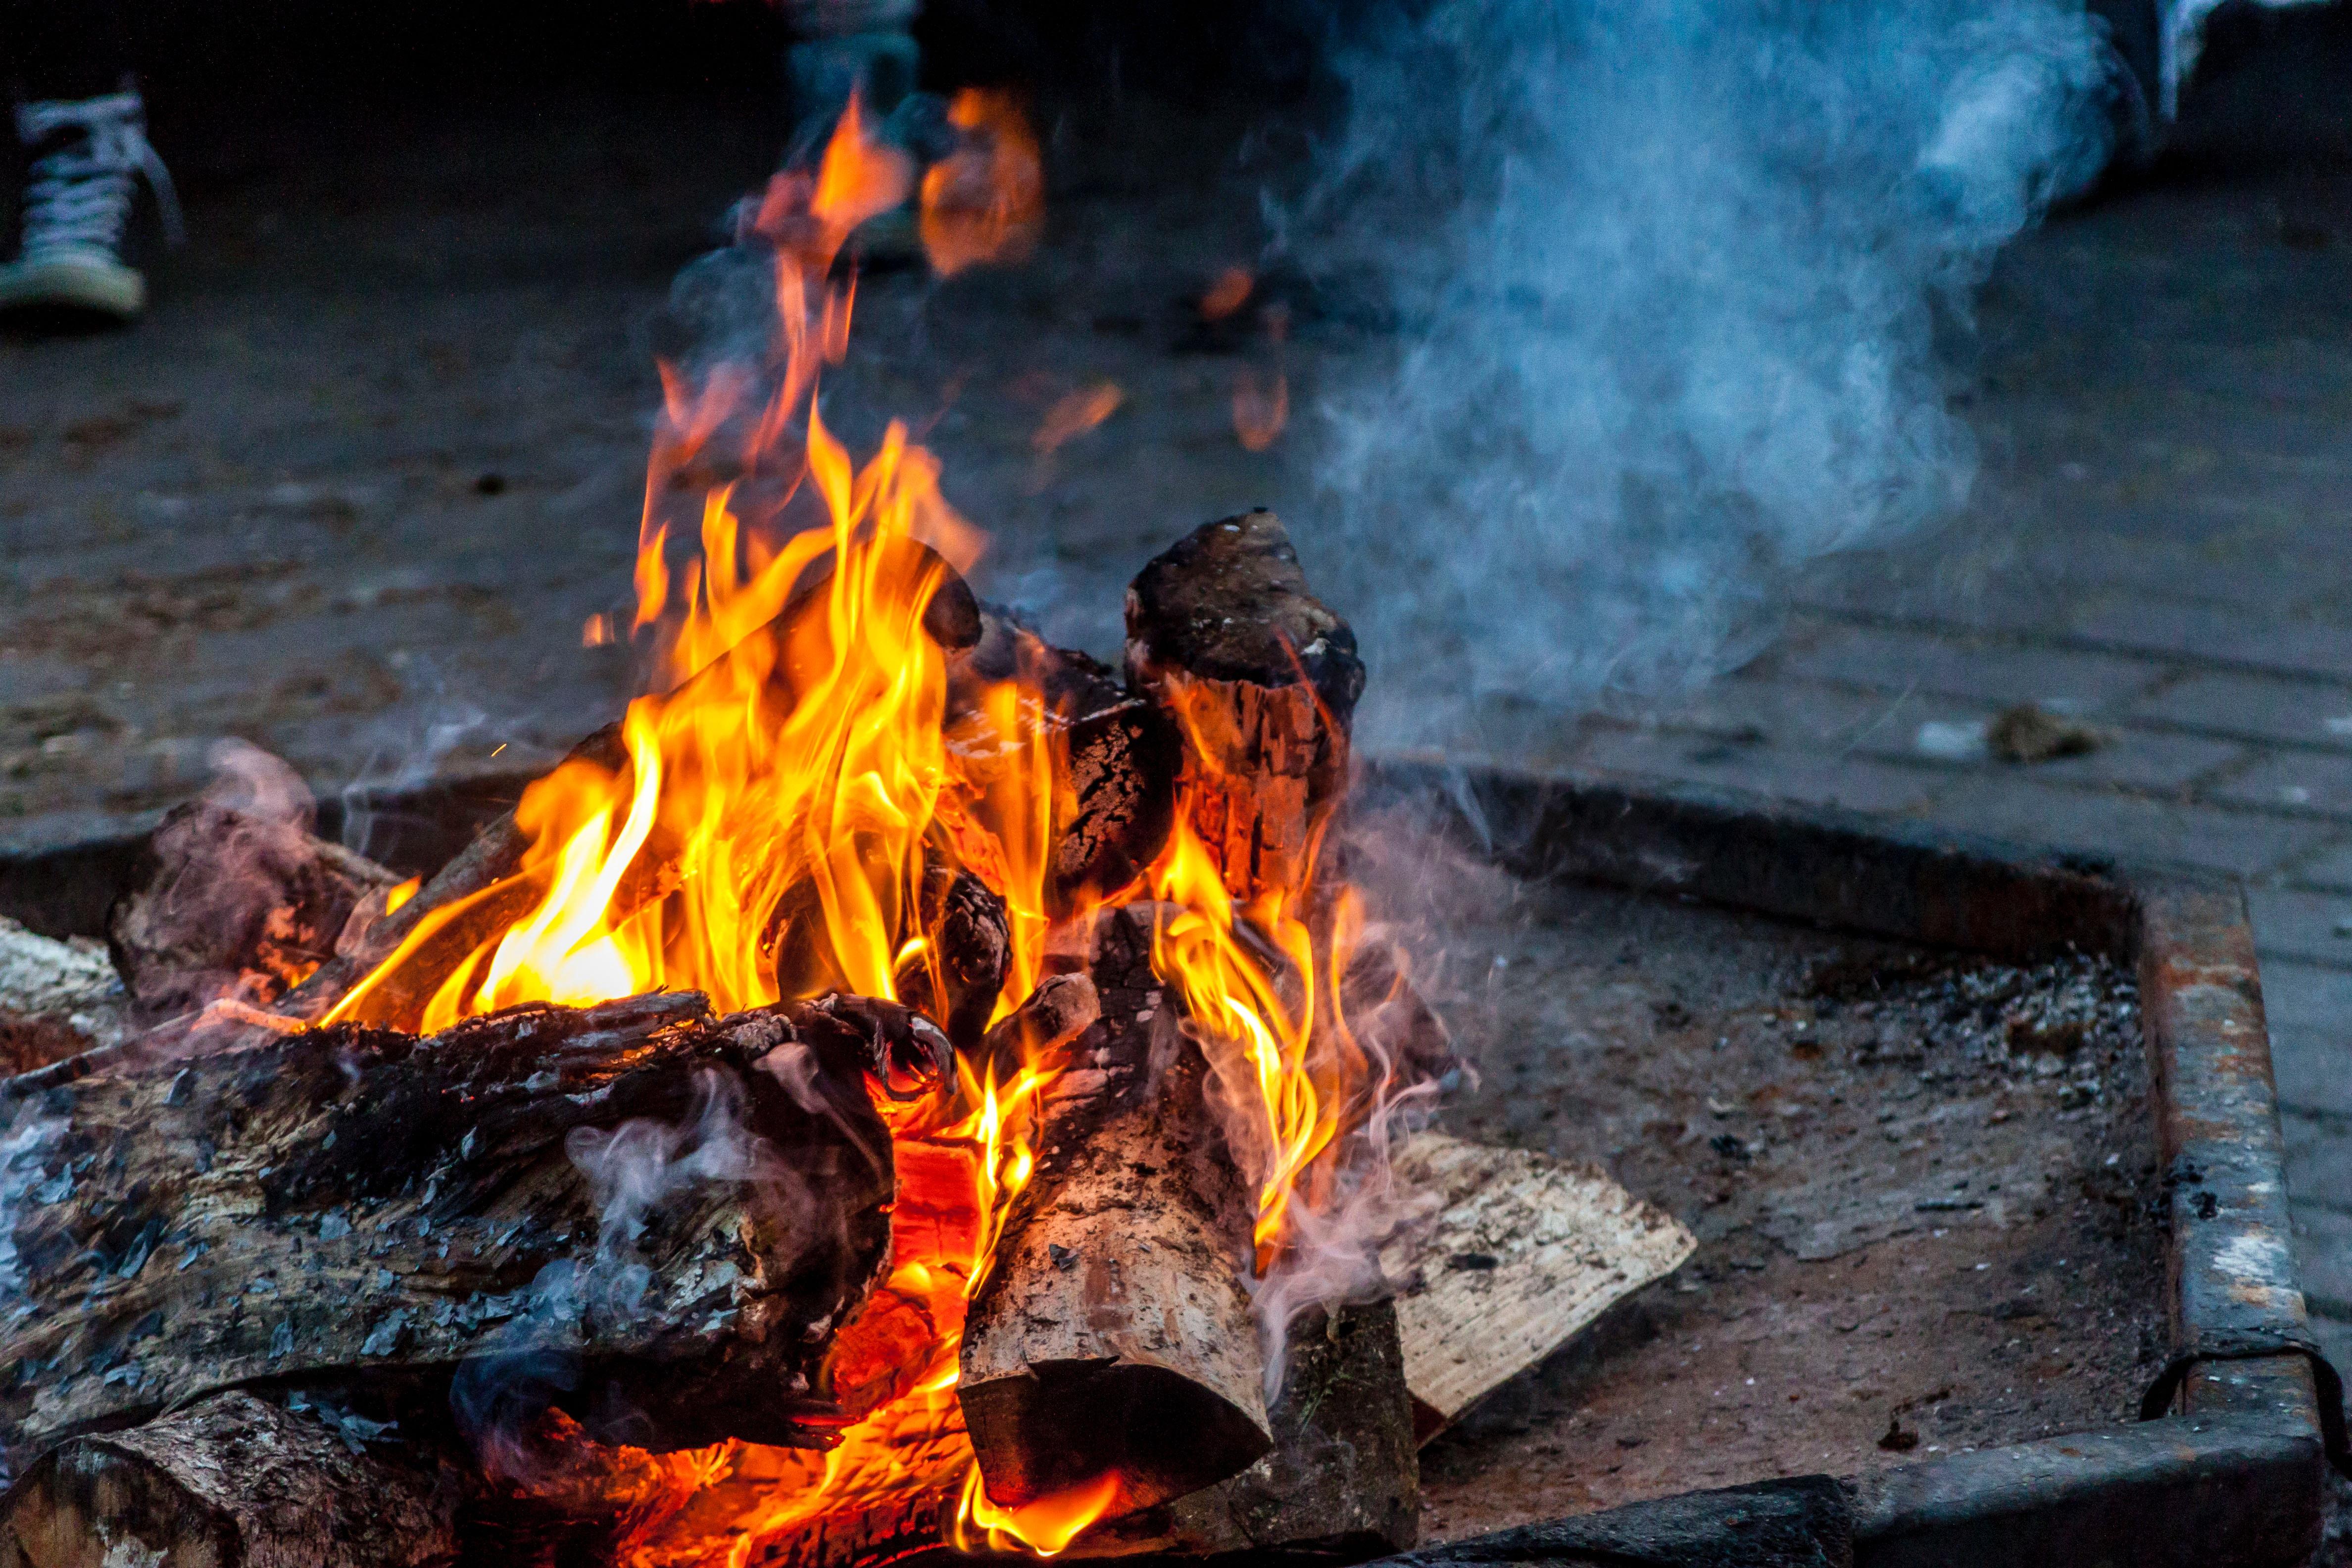 基礎から学ぶ焚き火のやり方!